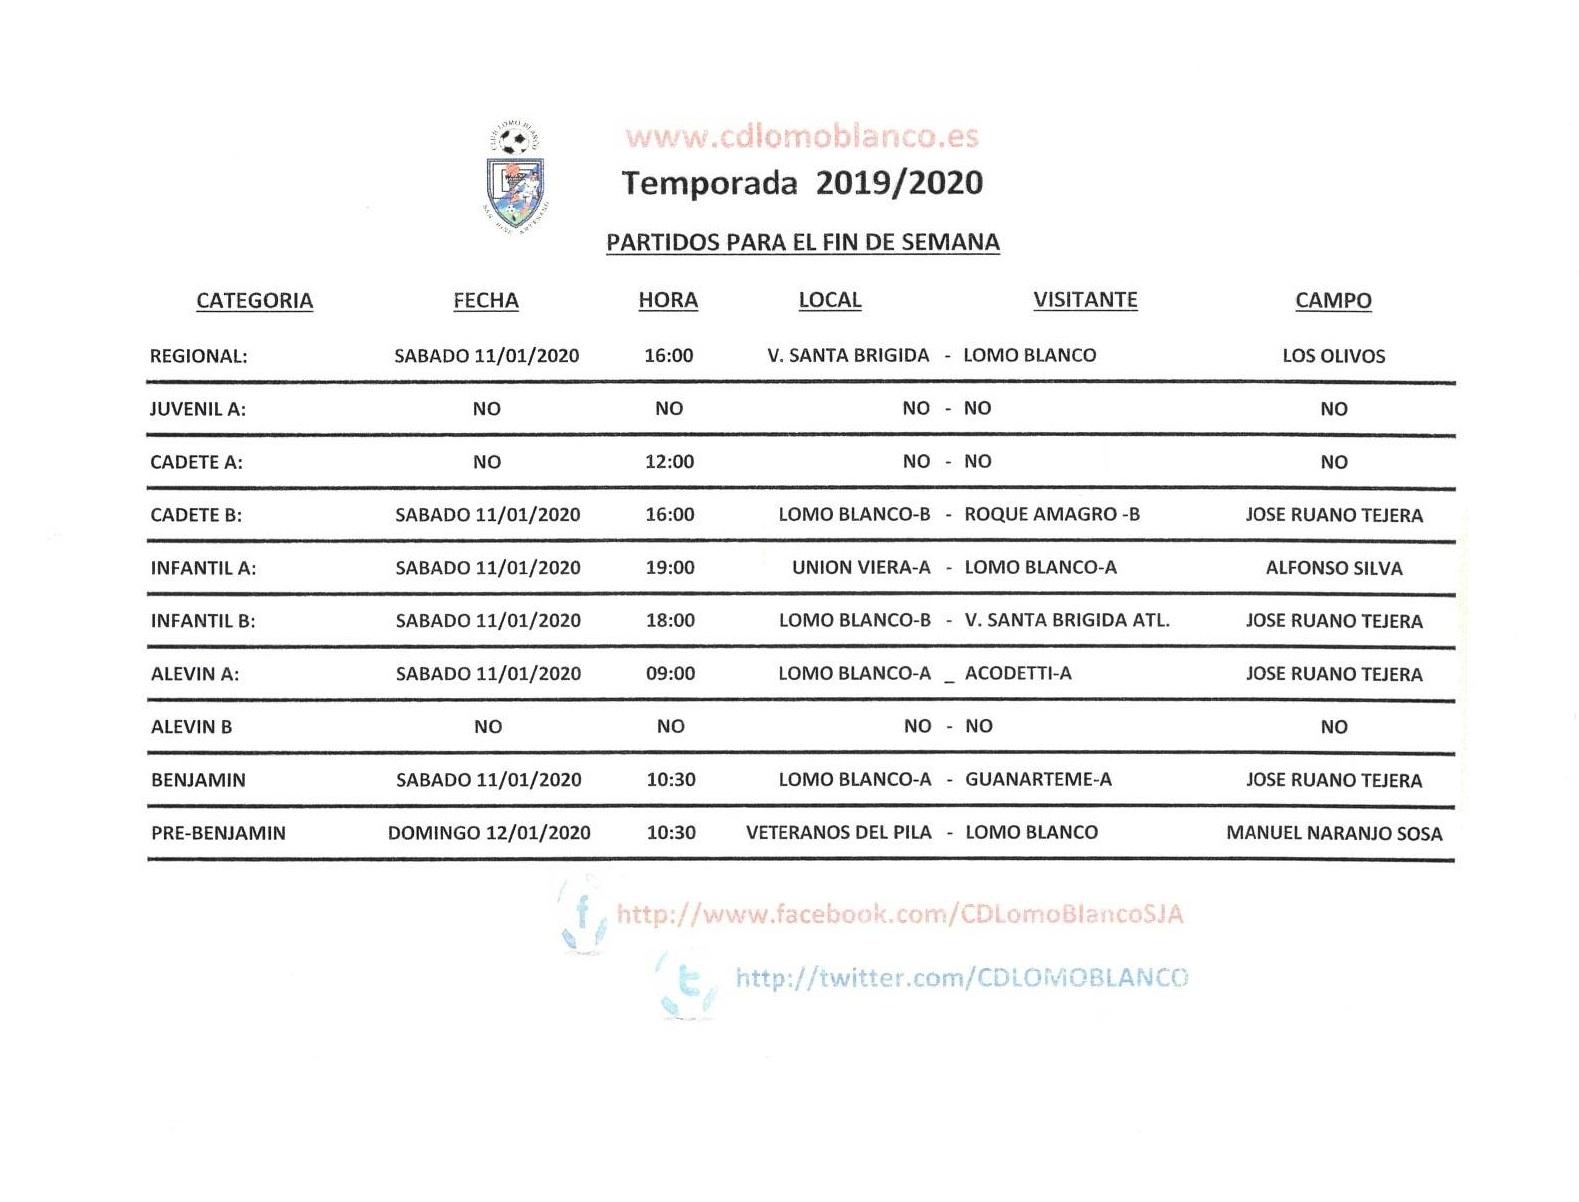 sdsPARTIDOS DEL FIN DE SEMANA  DE ENERO 10-12